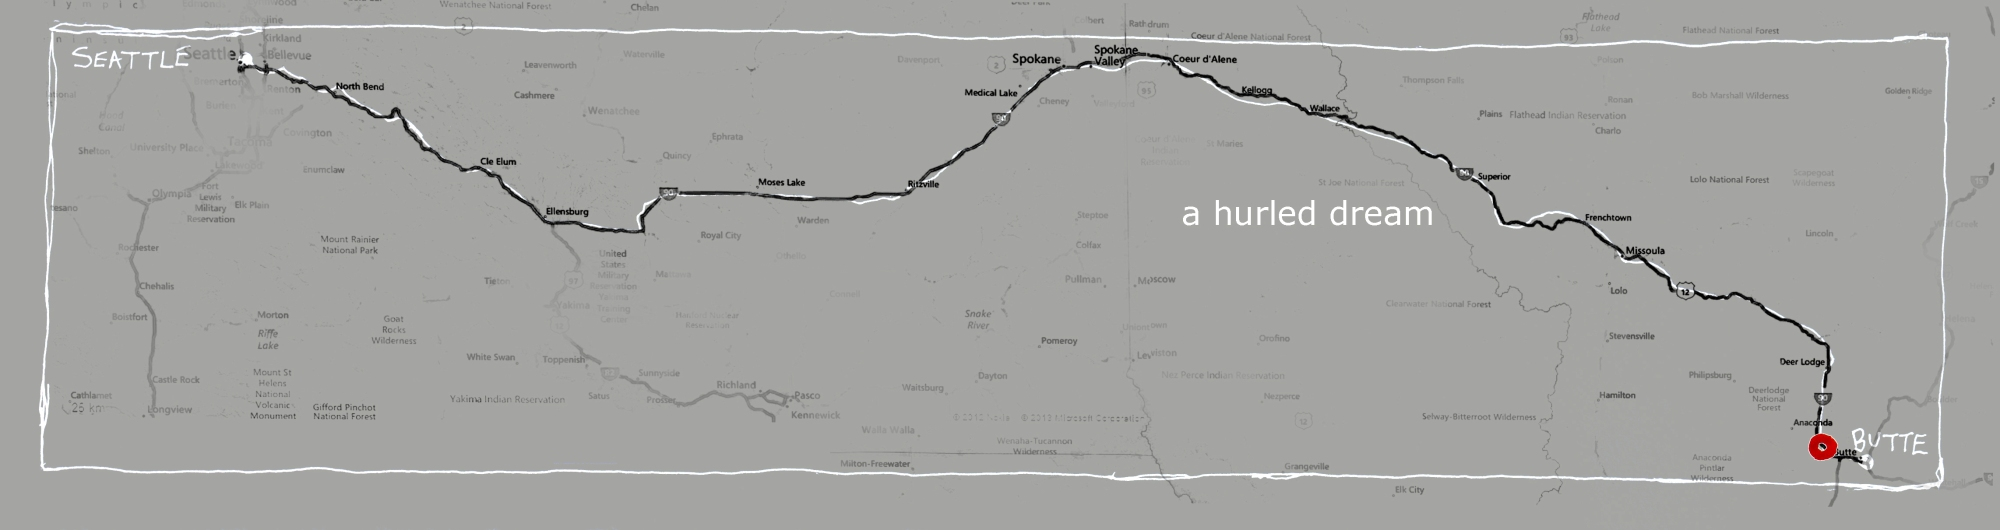 572 map